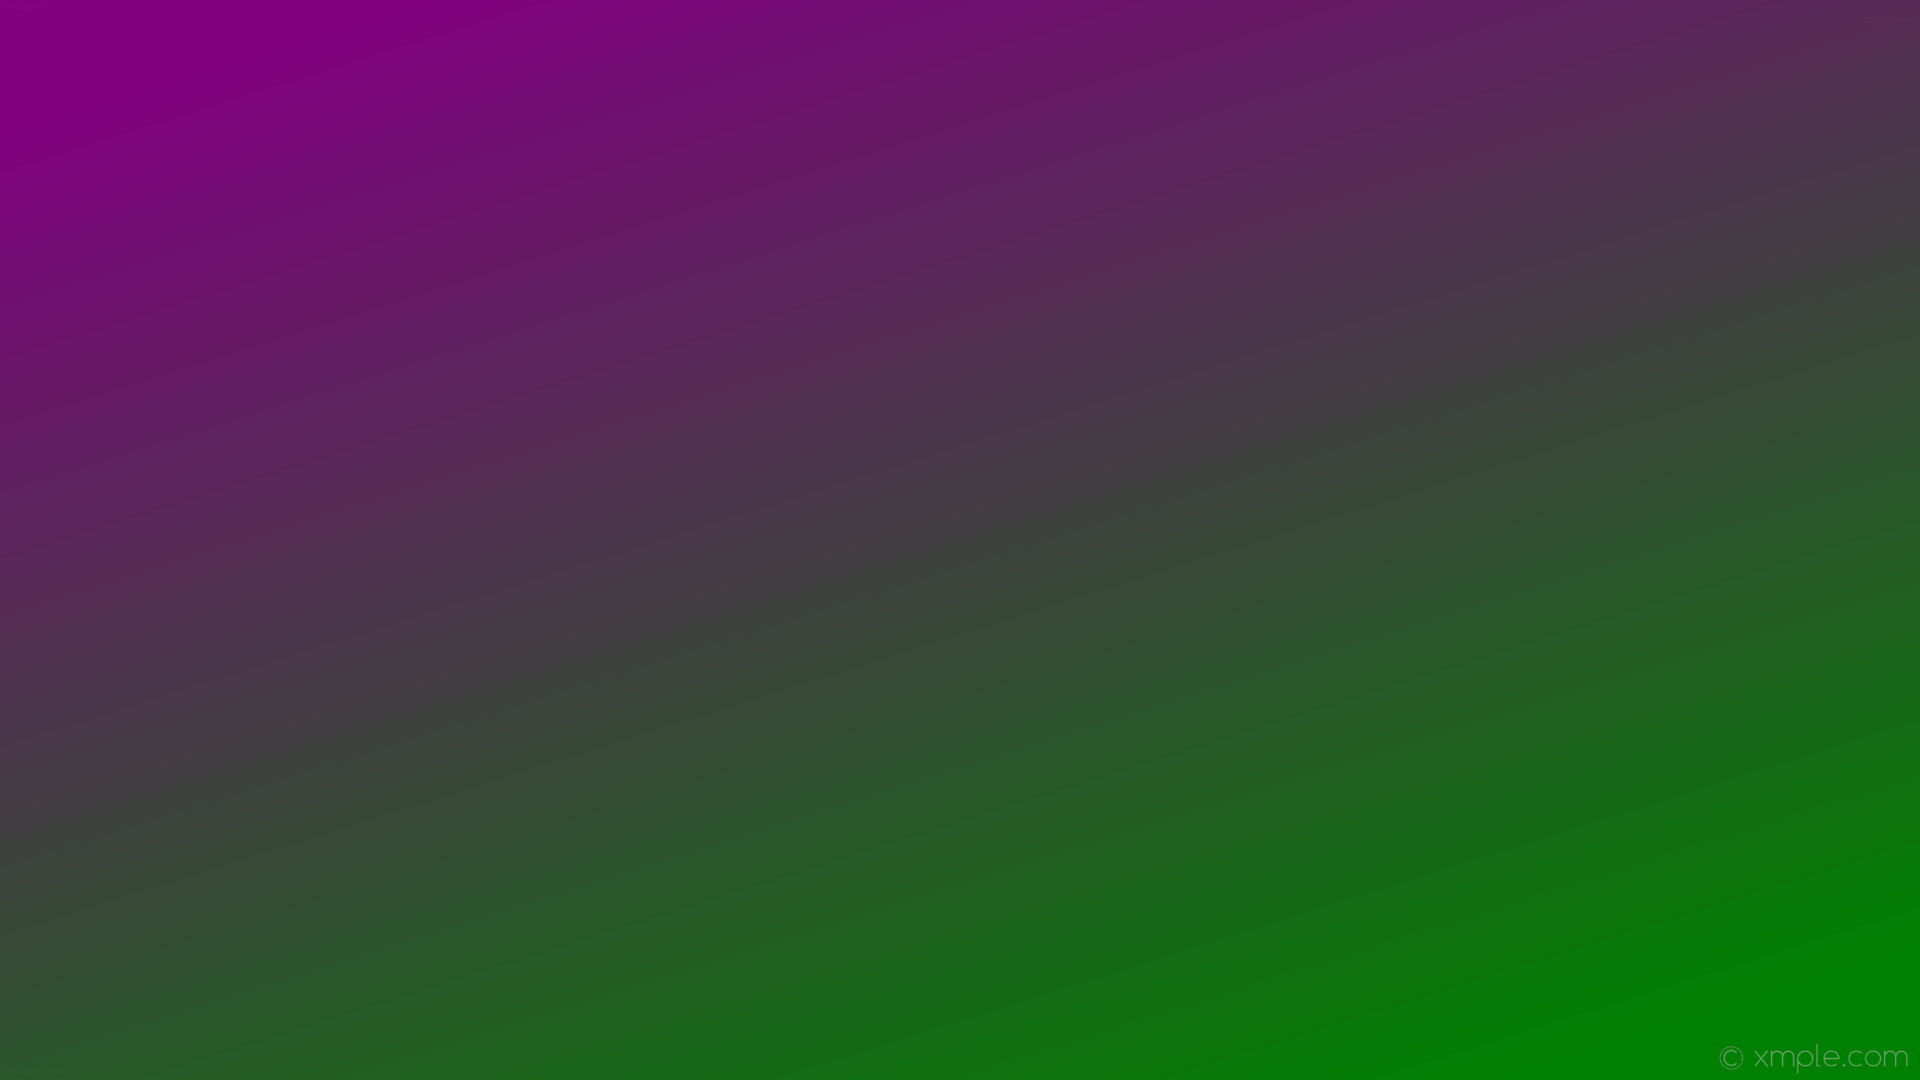 wallpaper green purple gradient linear #008000 #800080 315°